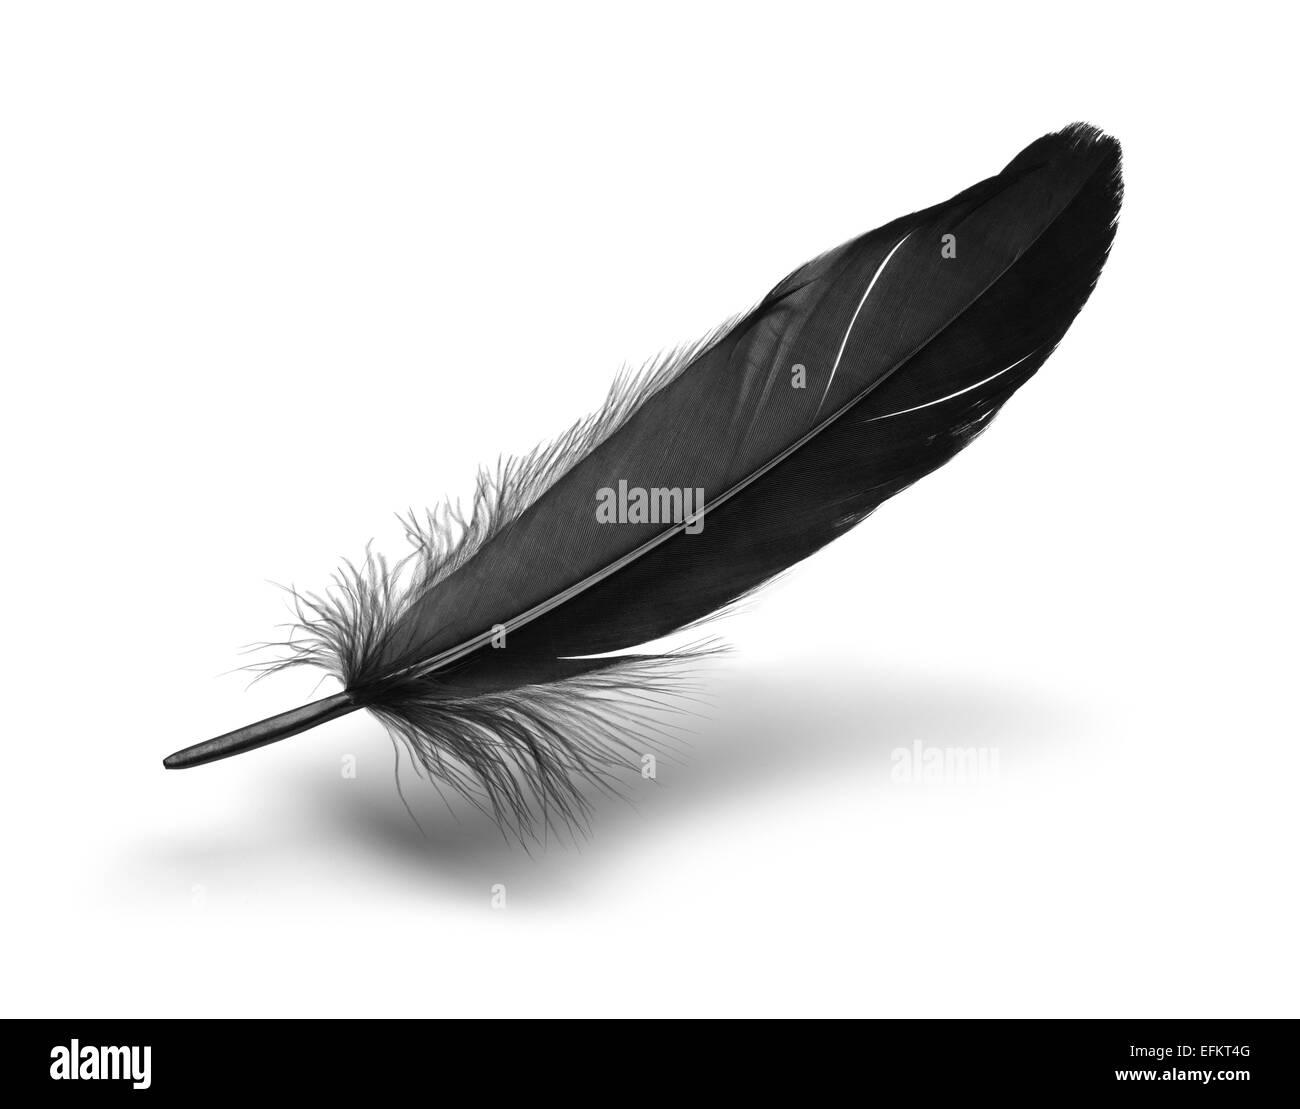 Singola nera piuma flottante isolato su sfondo bianco. Immagini Stock